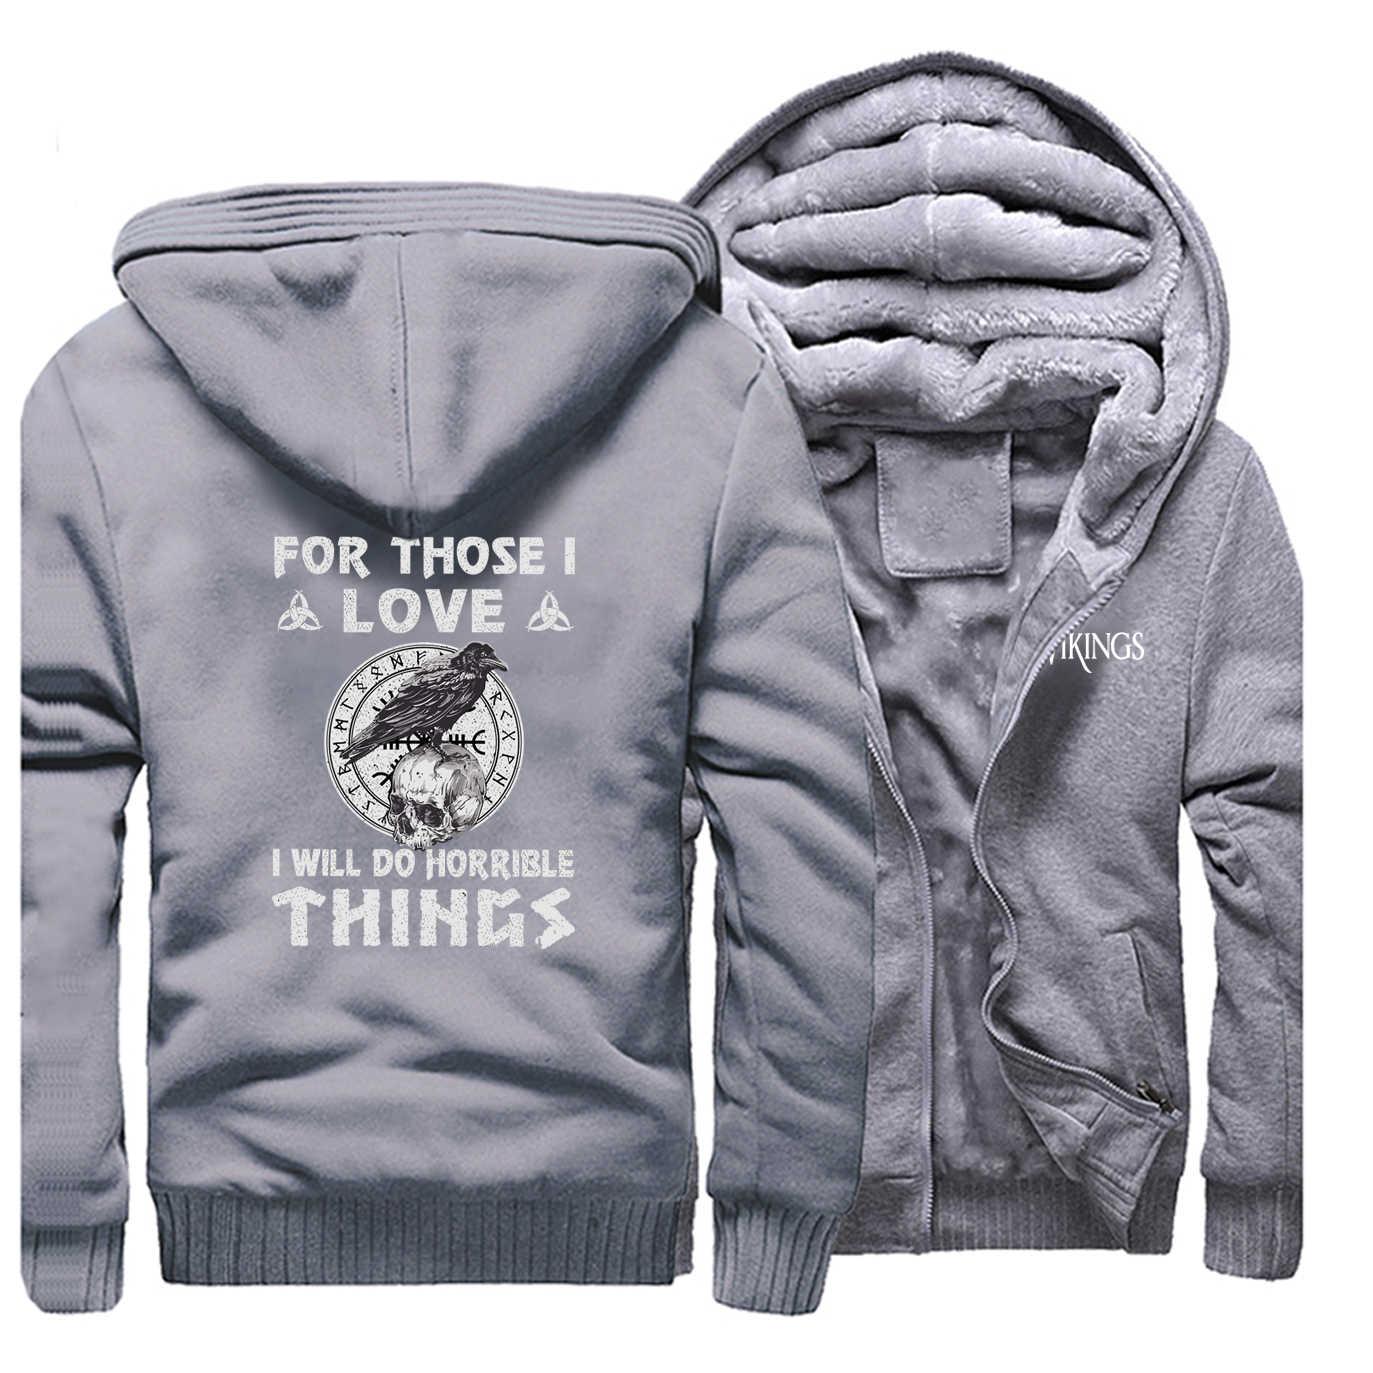 Odin Vikings เสื้อแจ็คเก็ตผู้ชายเสื้อ Lothbrok Lagertha Athelstan Crow Hoodies ฤดูหนาวหนาซิปเสื้อขนแกะ Outwear PLUS ขนาด